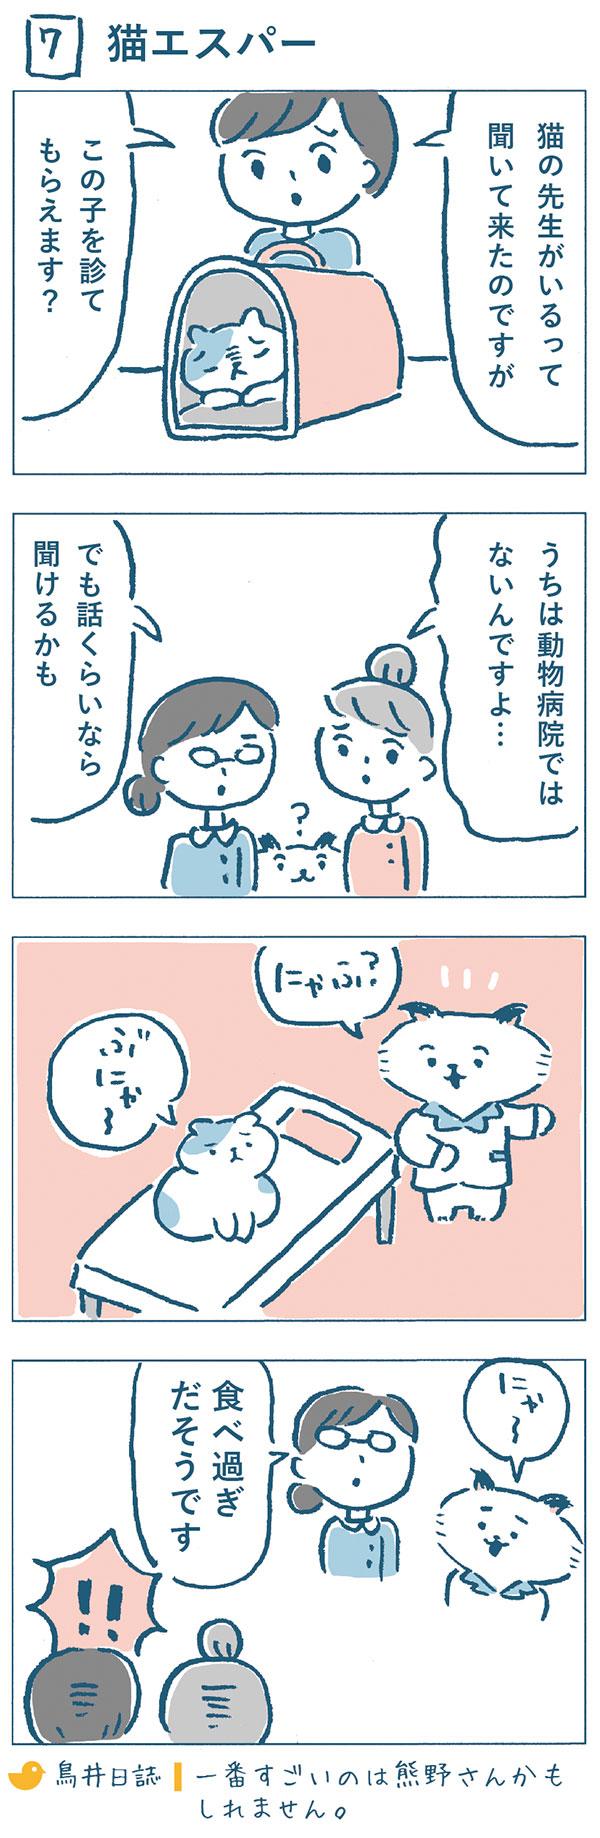 タイトル:猫エスパー(7)。ある日、「猫の先生がいるって聞いてきたのですが、この子を診てもらえますか?」と弱った猫を連れた飼い主さんが相談にきました。「うちは動物病院ではないんですよ…」とお断りしようとしましたが、「話くらいは聞けるかも。」とダメもとで診てあげることに。「にゃふ?」「ぶにゃ~」と話を聞いて後、ねこやま先生は、熊野さんに「にゃ~。」と鳴きました。それを聞いて、「食べ過ぎだそうです。」と診察結果を飼い主さんに伝えた熊野さん。一番すごいのは熊野さんかもしれません。